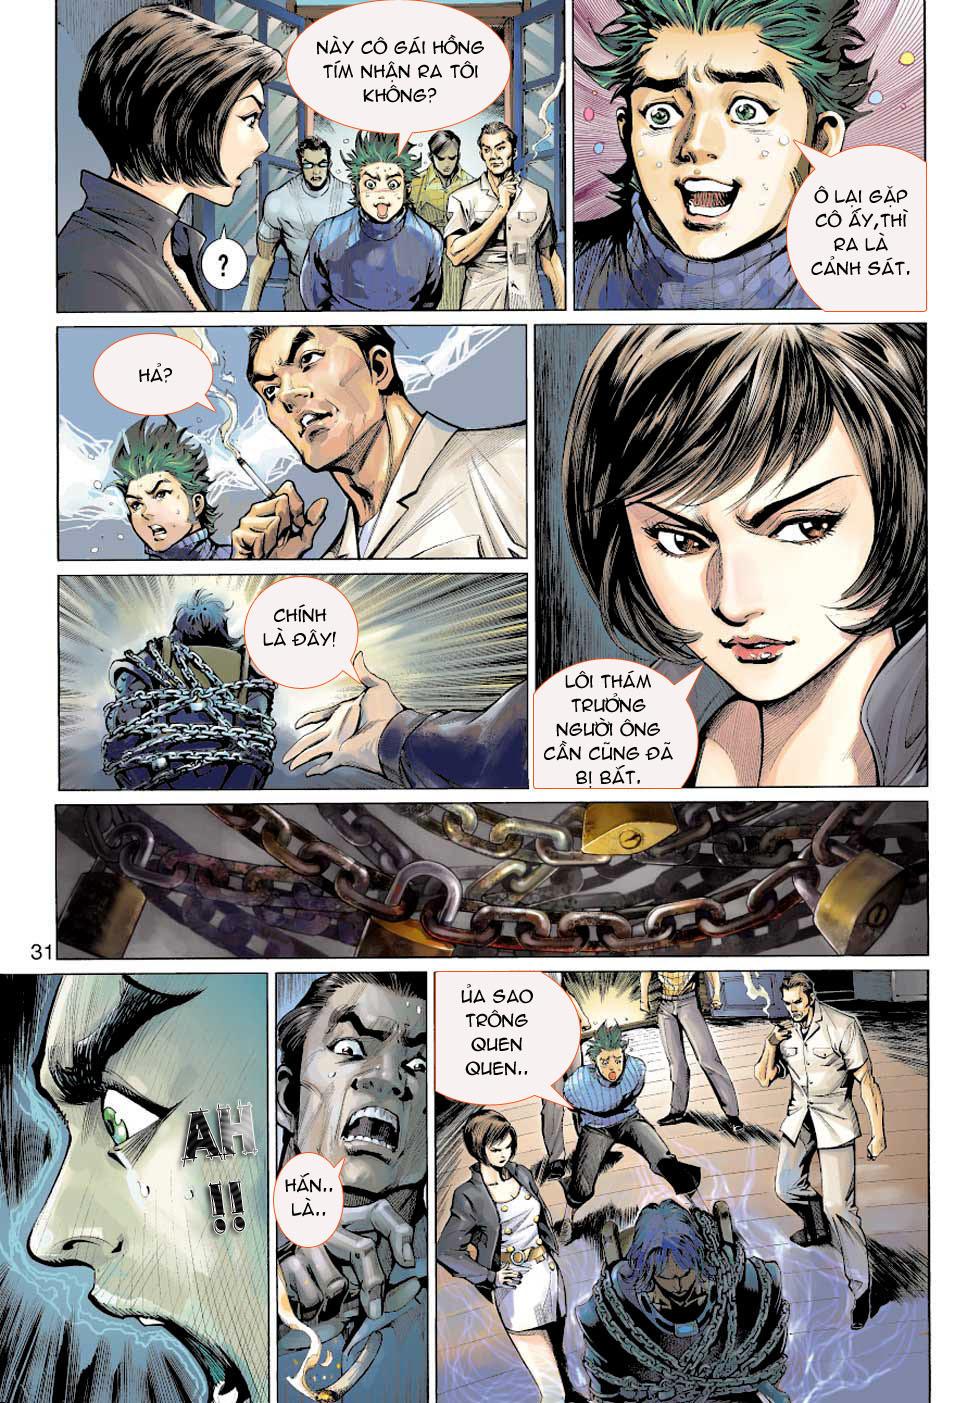 Thần Binh 4 chap 5 - Trang 31